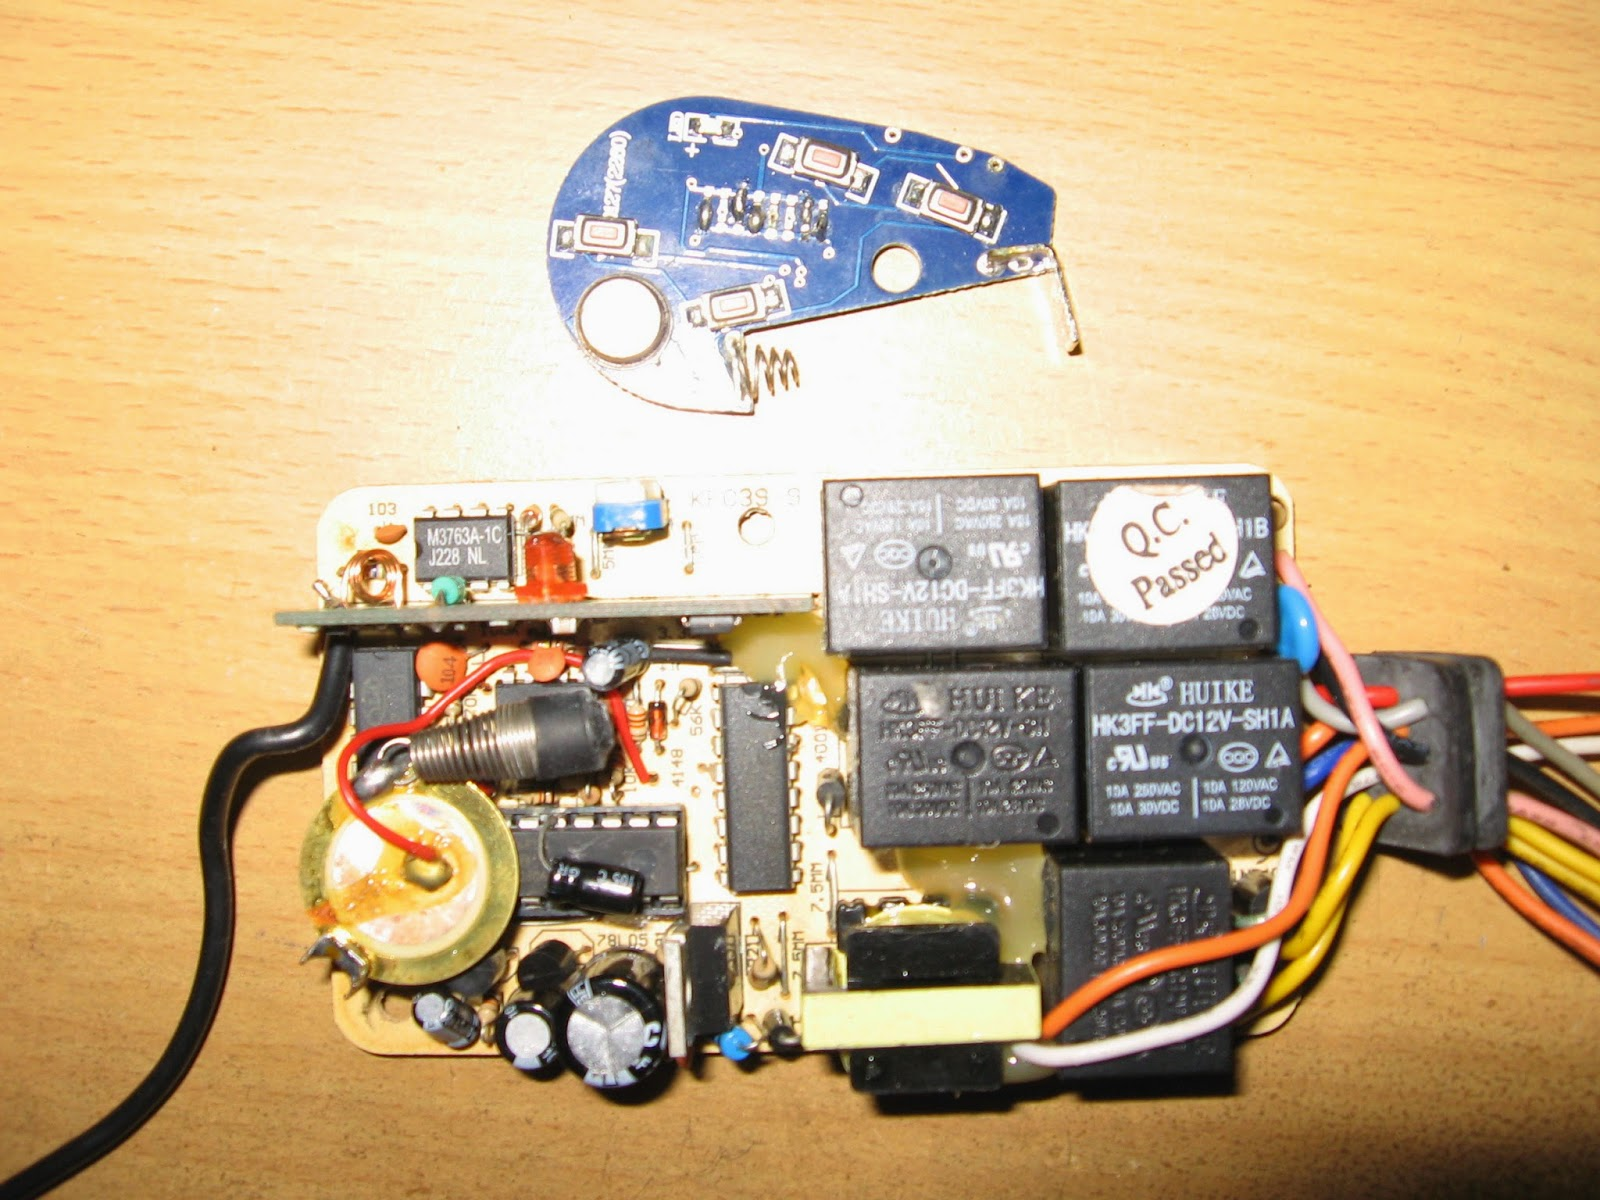 Komponen dalam remote control sepeda motor